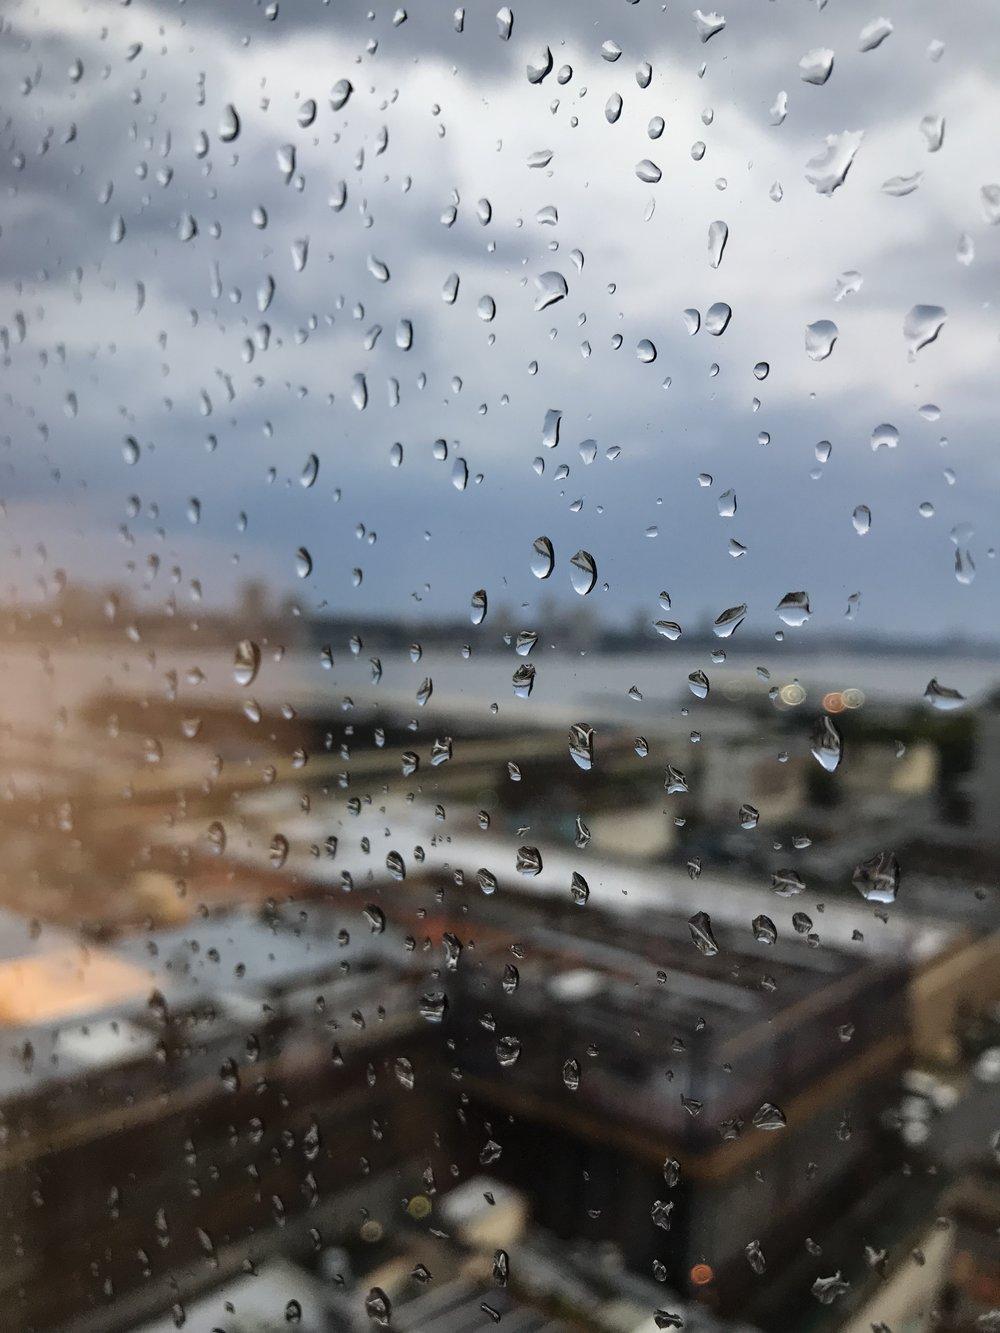 Bre Sheppard - My First NYFW - Rainy NYC Night.jpg